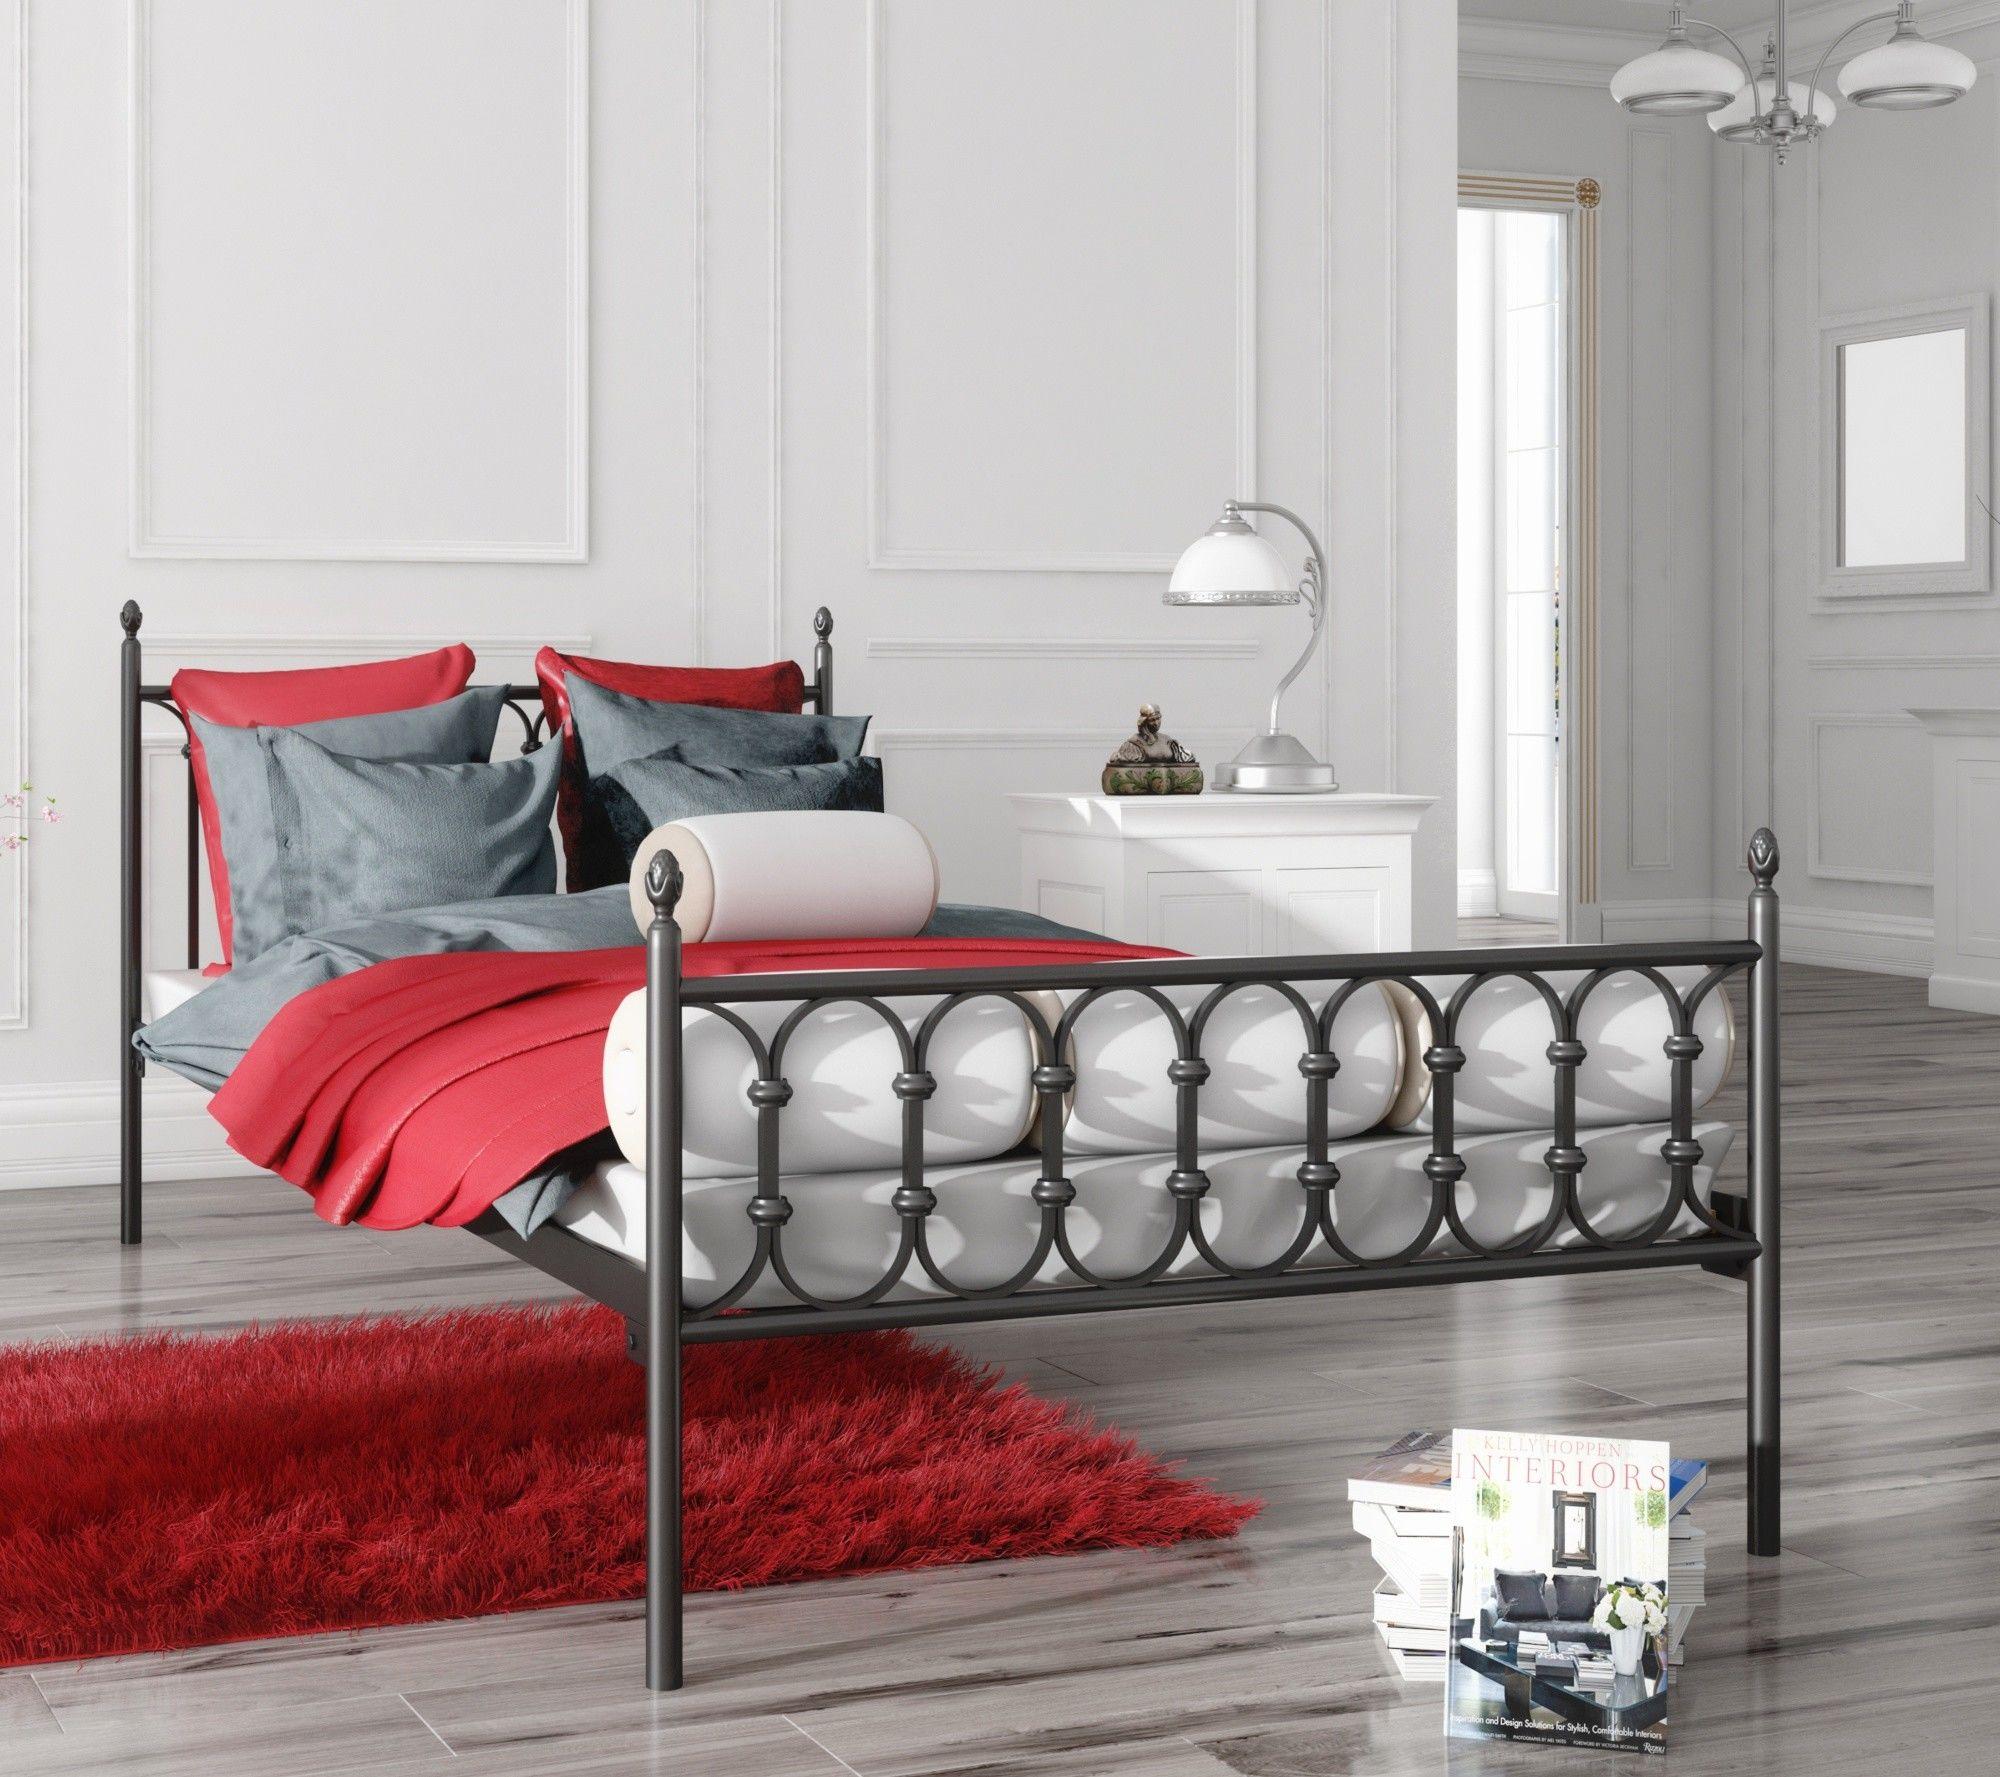 Łóżko metalowe podwójne 160x200 wzór 8 ze stelażem